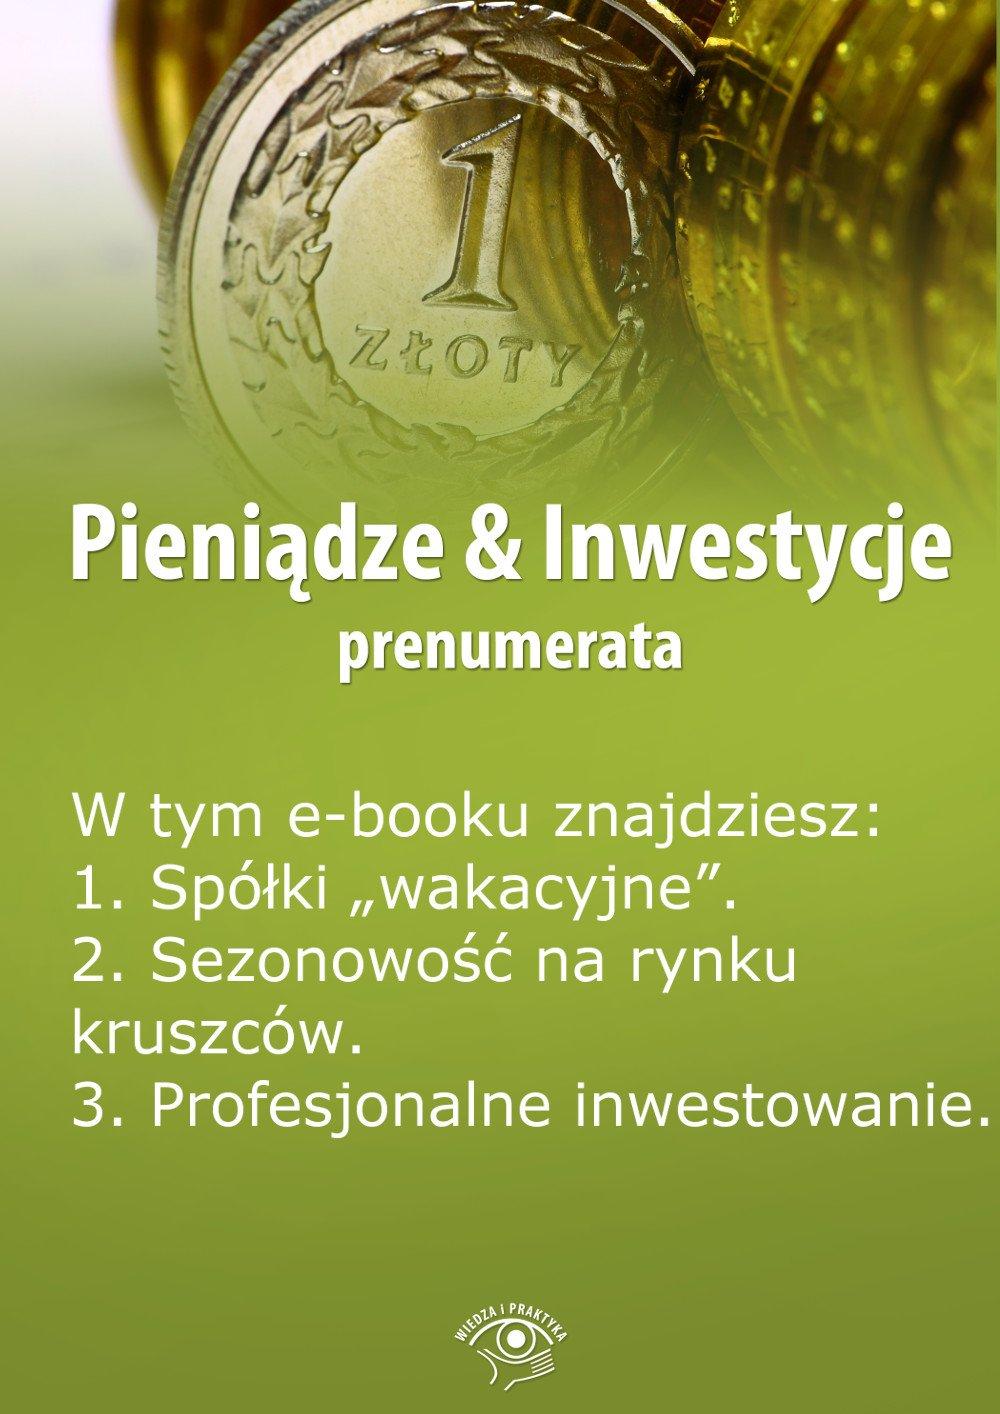 Pieniądze & Inwestycje. Wydanie specjalne czerwiec 2014 r. - Ebook (Książka EPUB) do pobrania w formacie EPUB